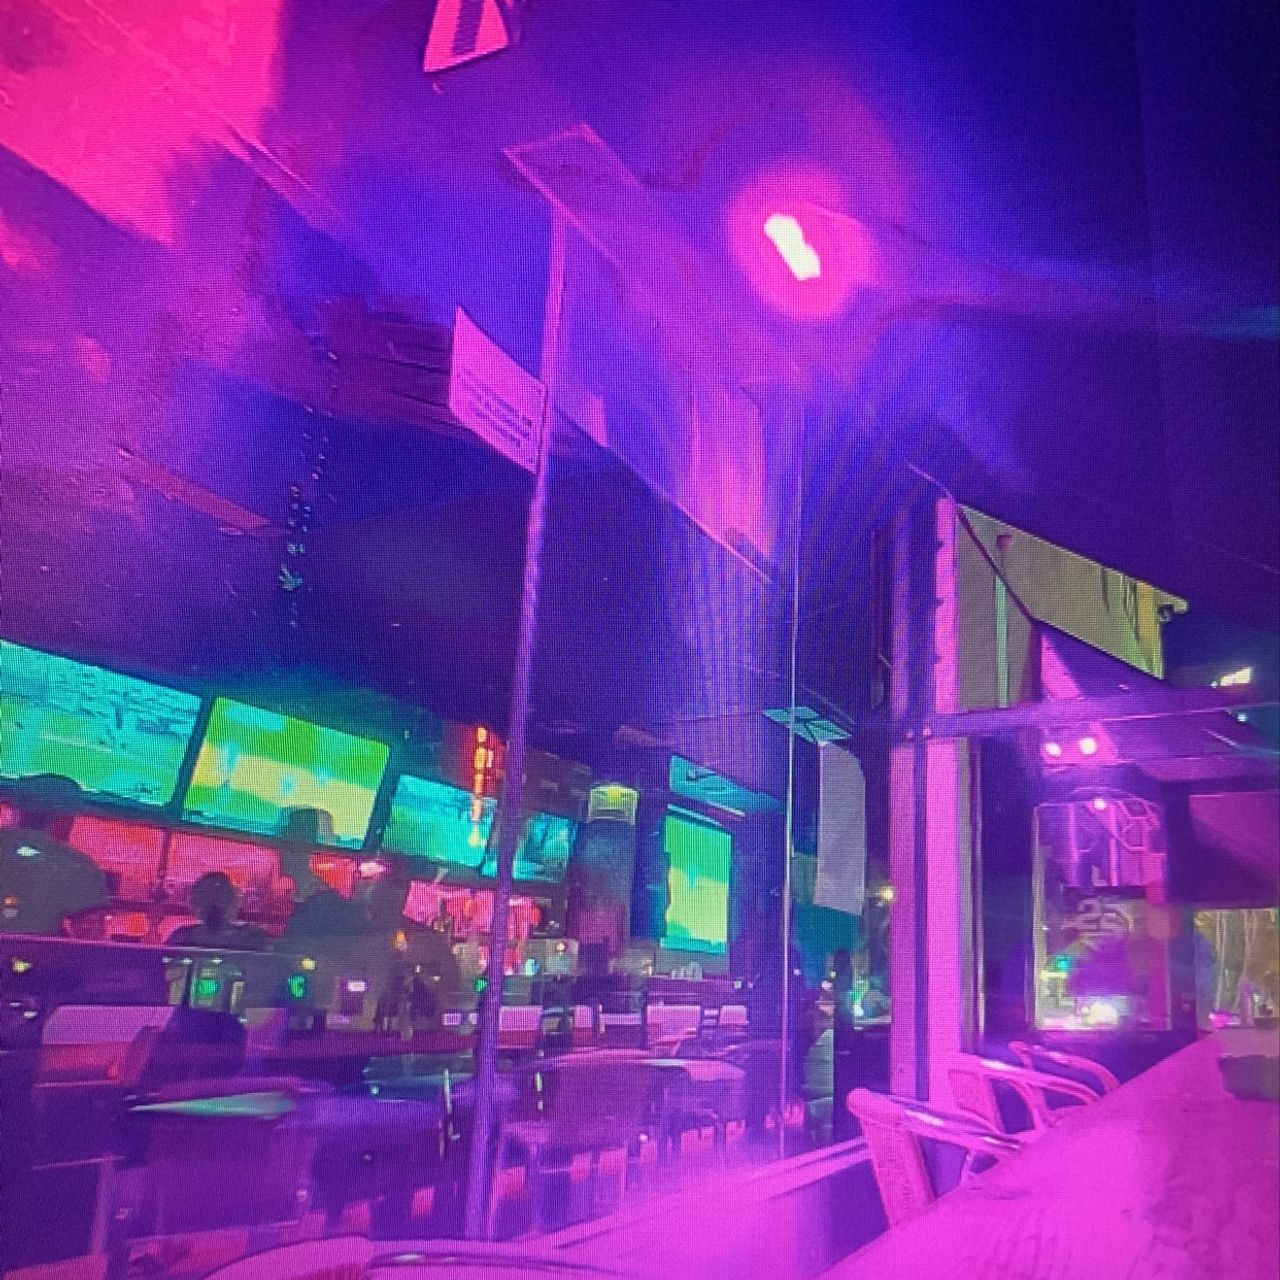 Krazy J'S Sports Bar & Nightclub